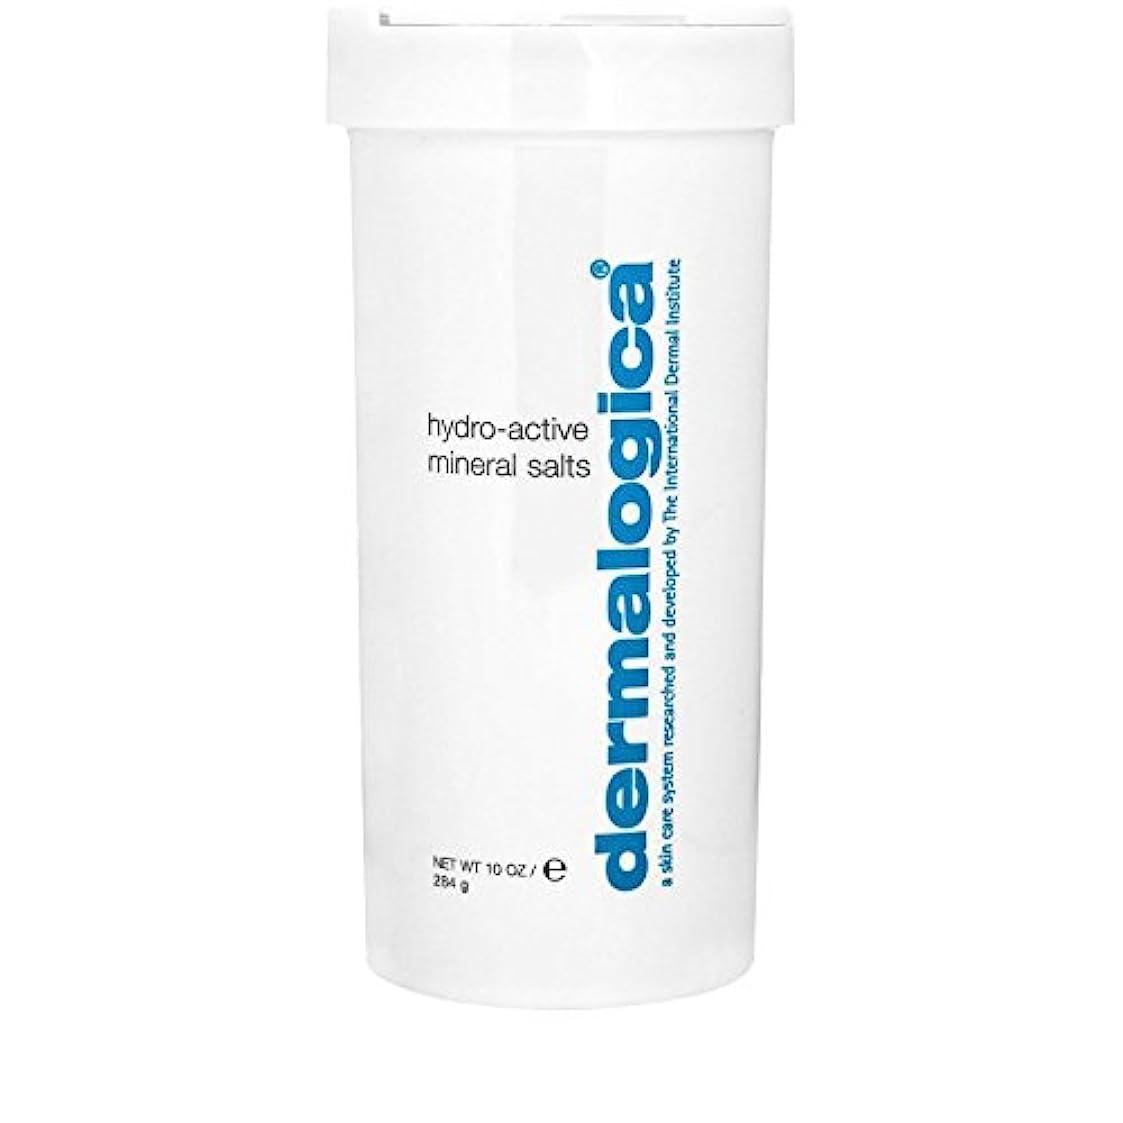 マーガレットミッチェル増強する基礎理論ダーマロジカ水力アクティブミネラル塩284グラム x4 - Dermalogica Hydro Active Mineral Salt 284g (Pack of 4) [並行輸入品]